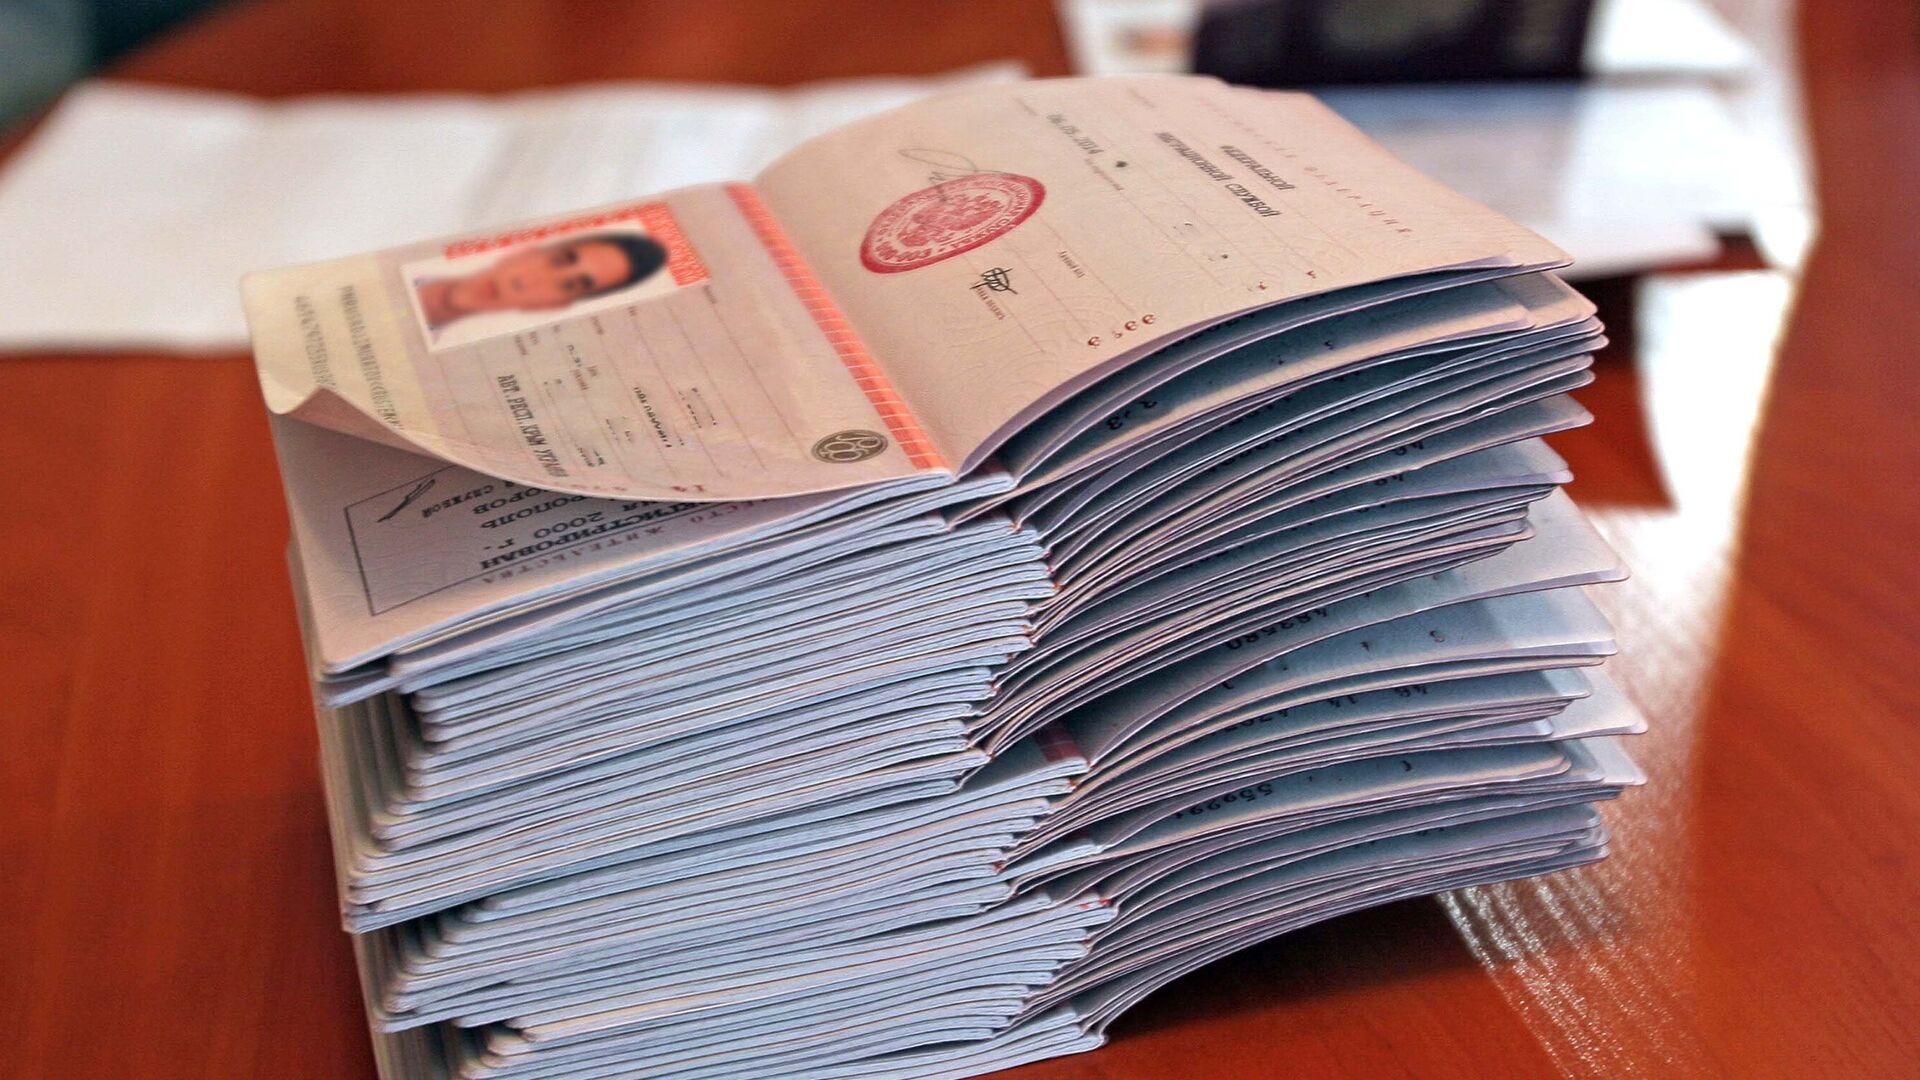 Российские паспорта, архивное фото  - Sputnik Тоҷикистон, 1920, 12.10.2021